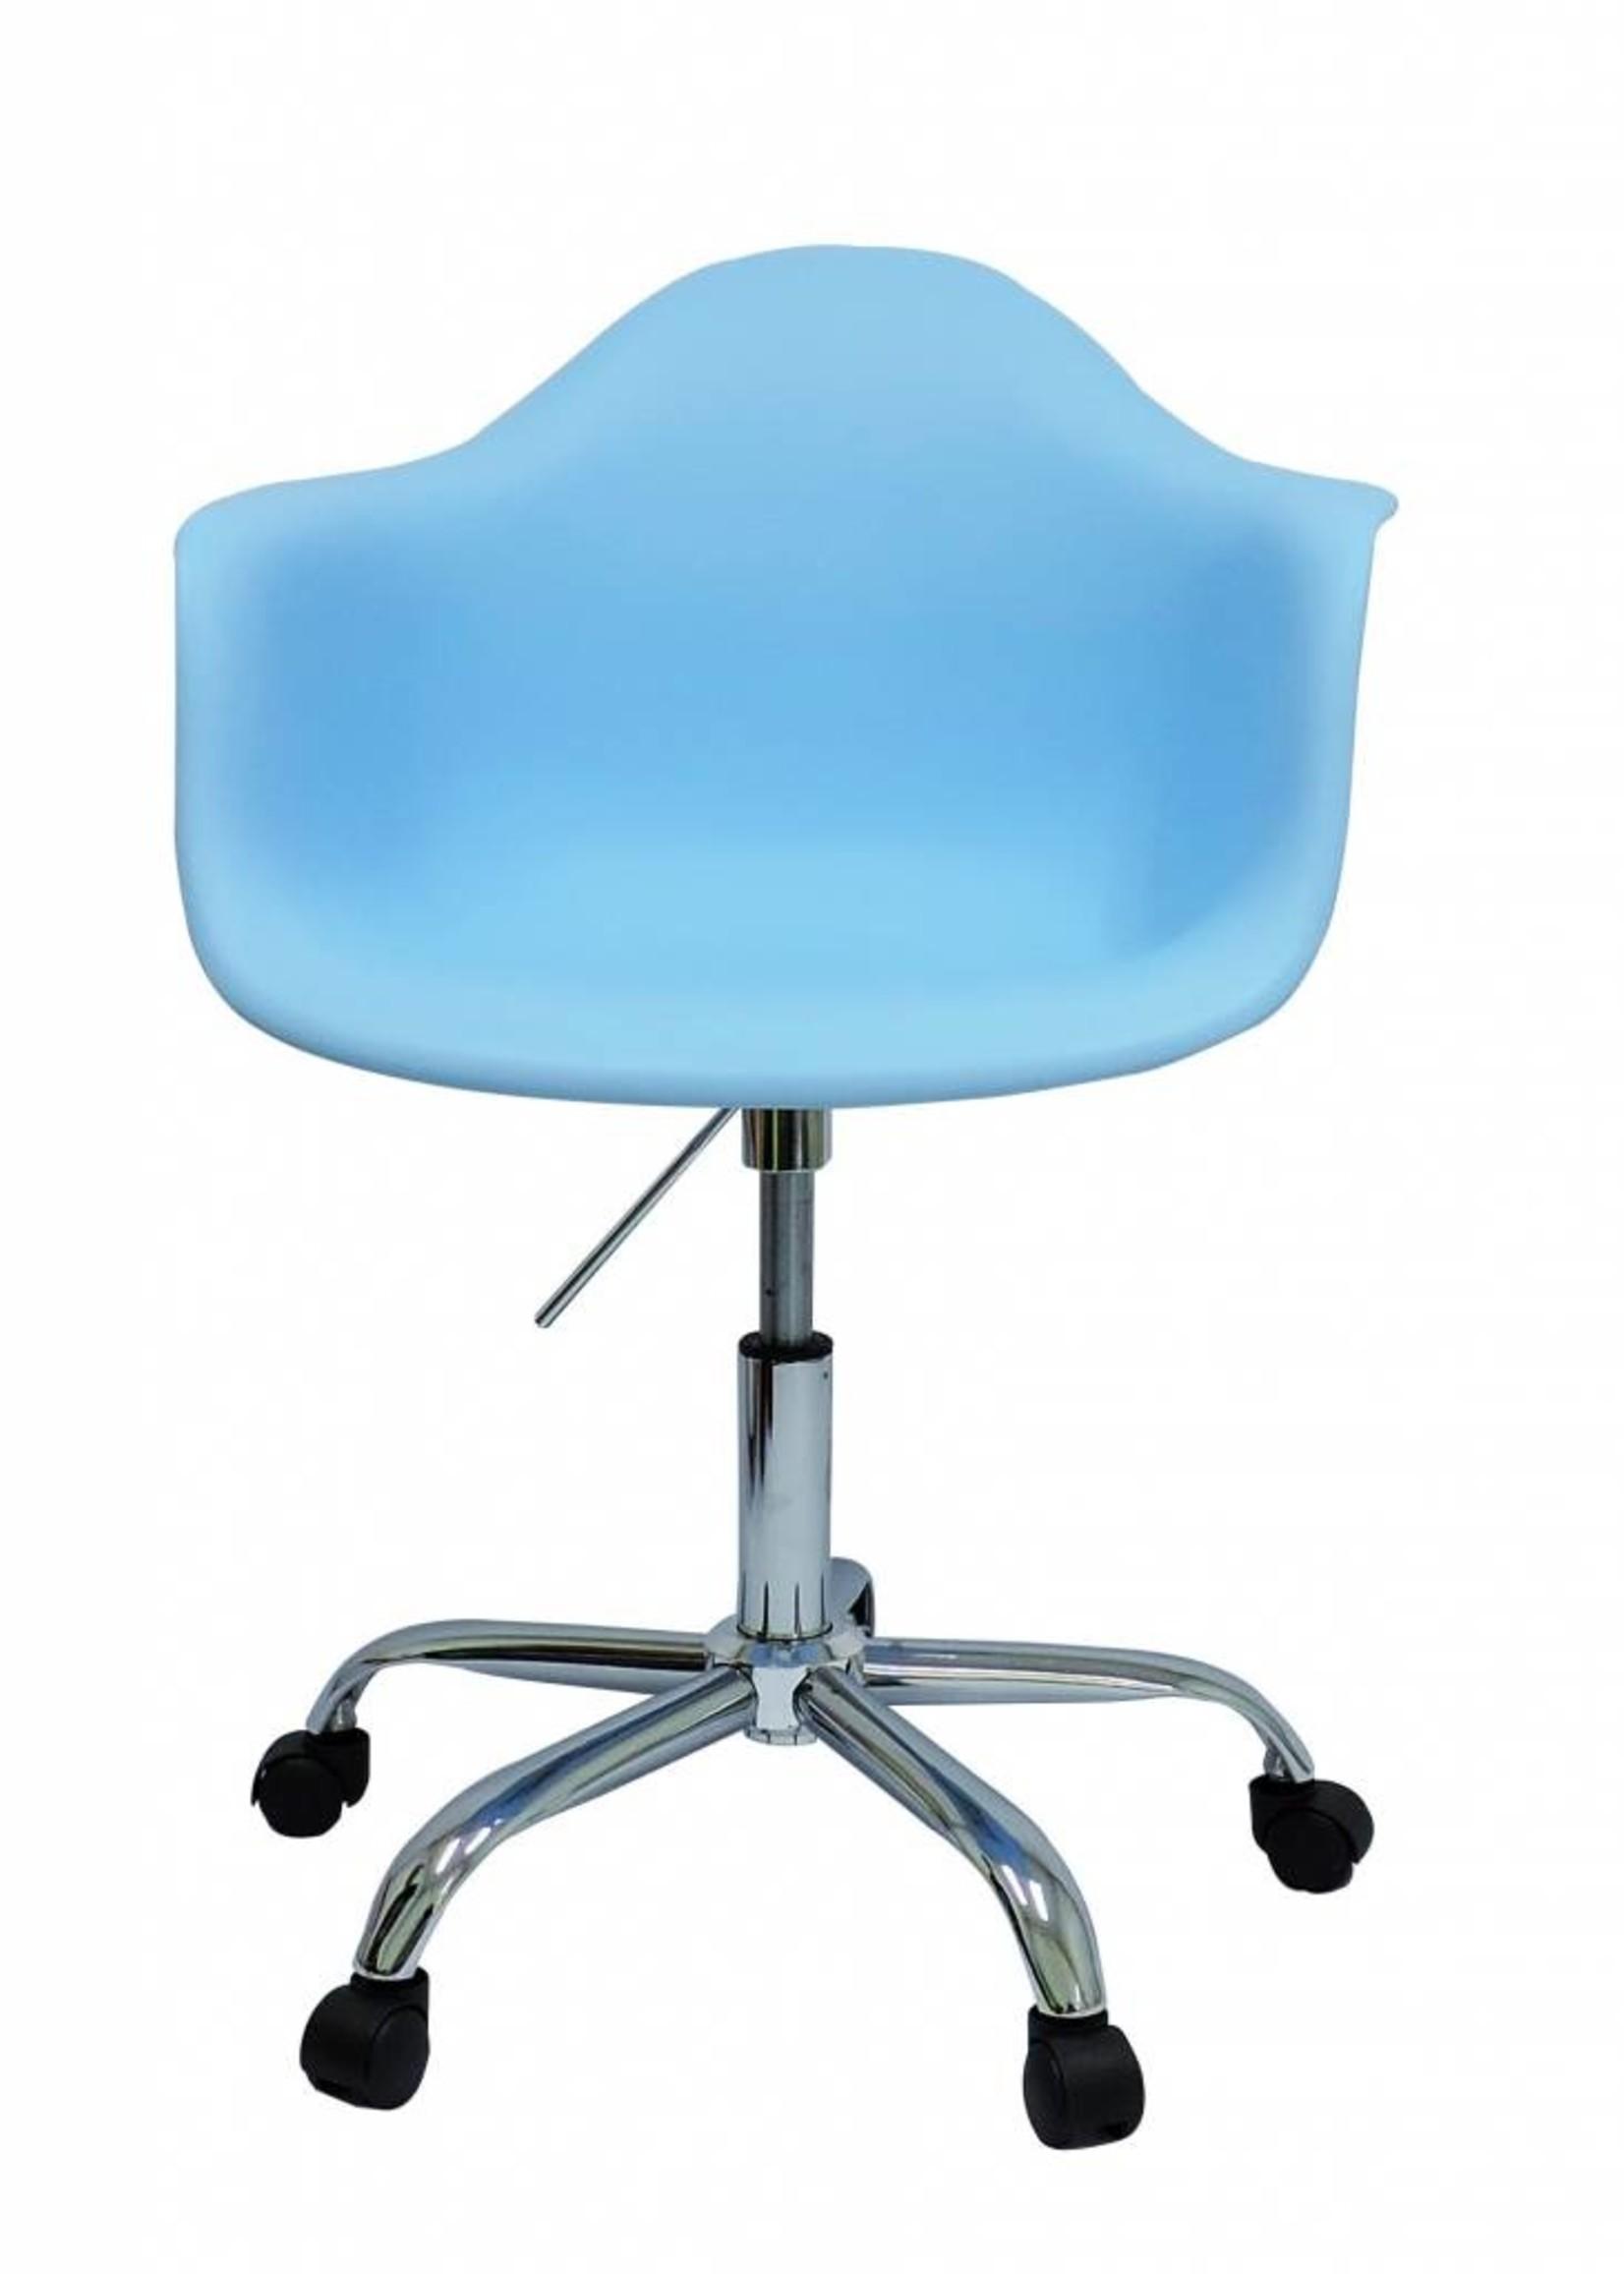 PACC Eames Design Chair Blue